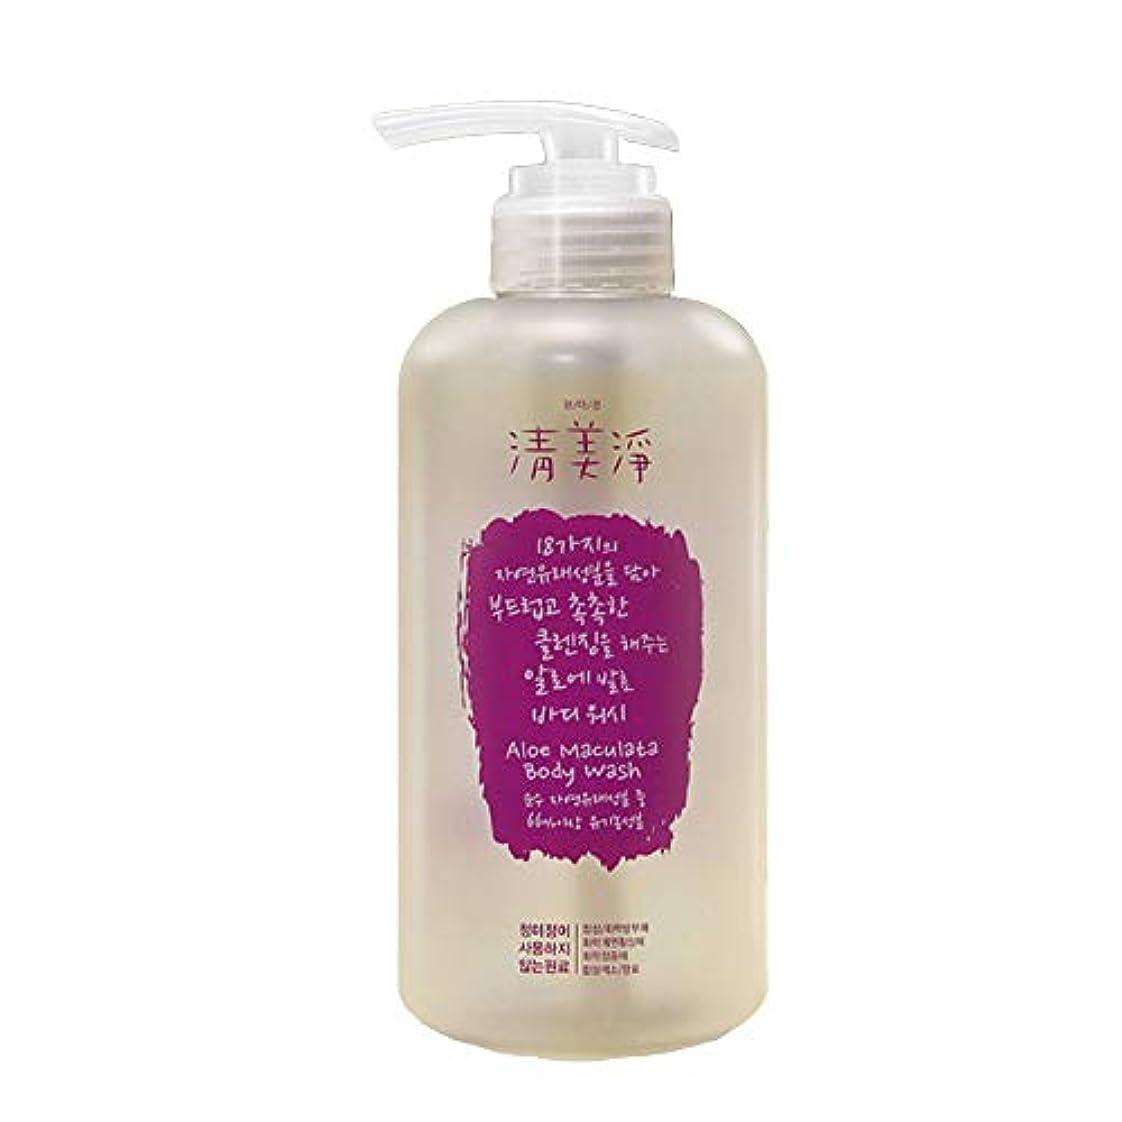 トラブル許容できるルーム[ChungMiJung] 清美浄(チョンミジョン) アロエ発酵ボディウォッシュ 500ml Aloe Maculata Body Wash - Organic Body Wash with 18 Ingredients...